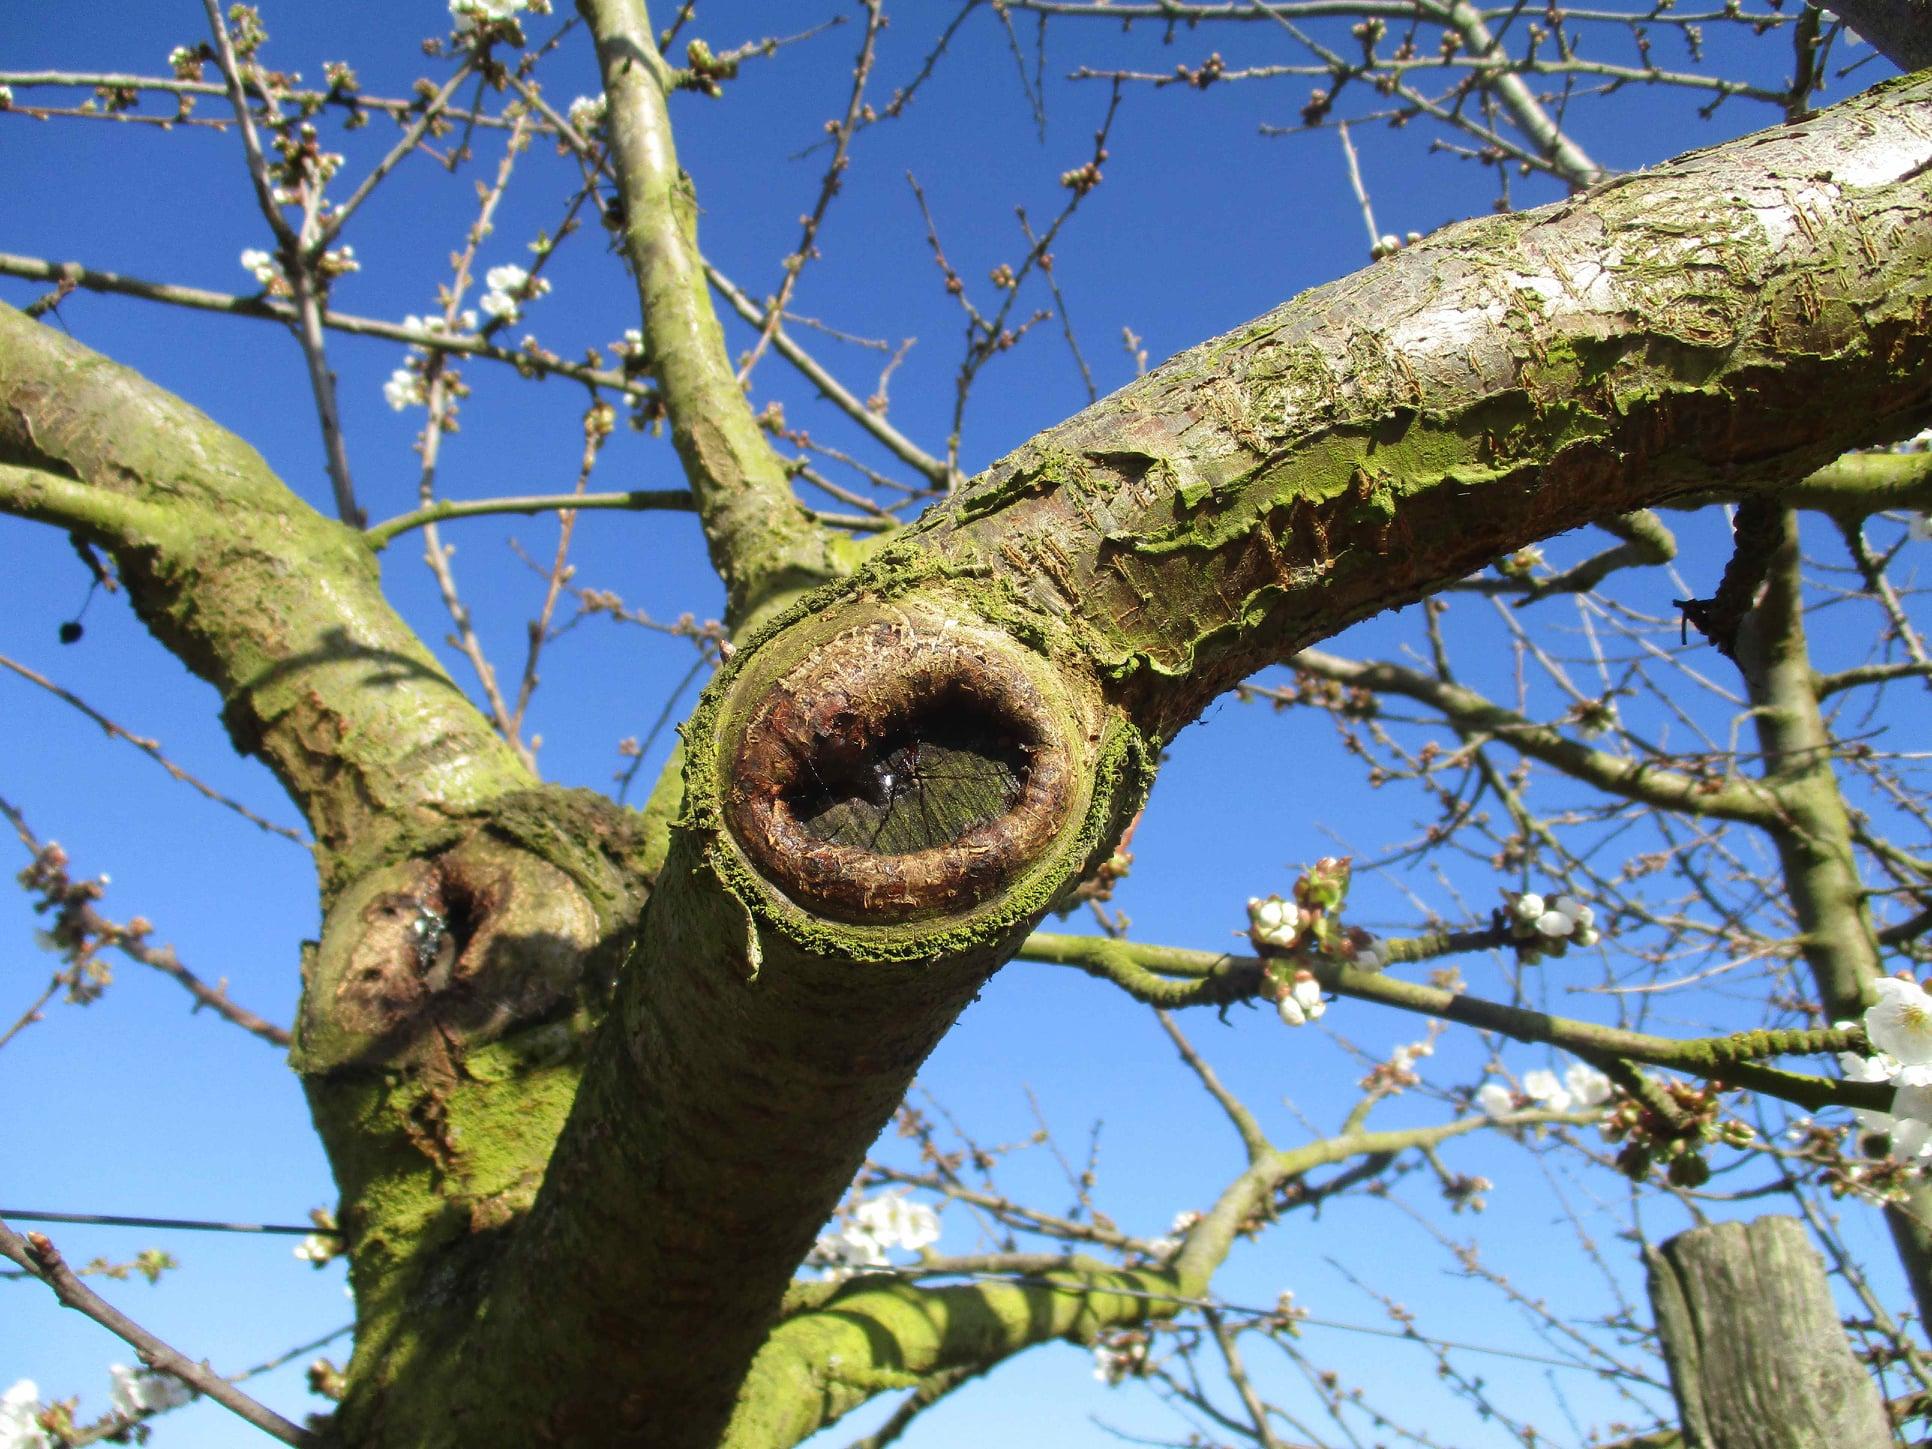 Branche de cerisier qui cicatrise en formant un bourrelet de cicatrisation. La plaie de l'arbre se referme et les champignons ne peuvent plus rentrer pour parasiter l'arbre.